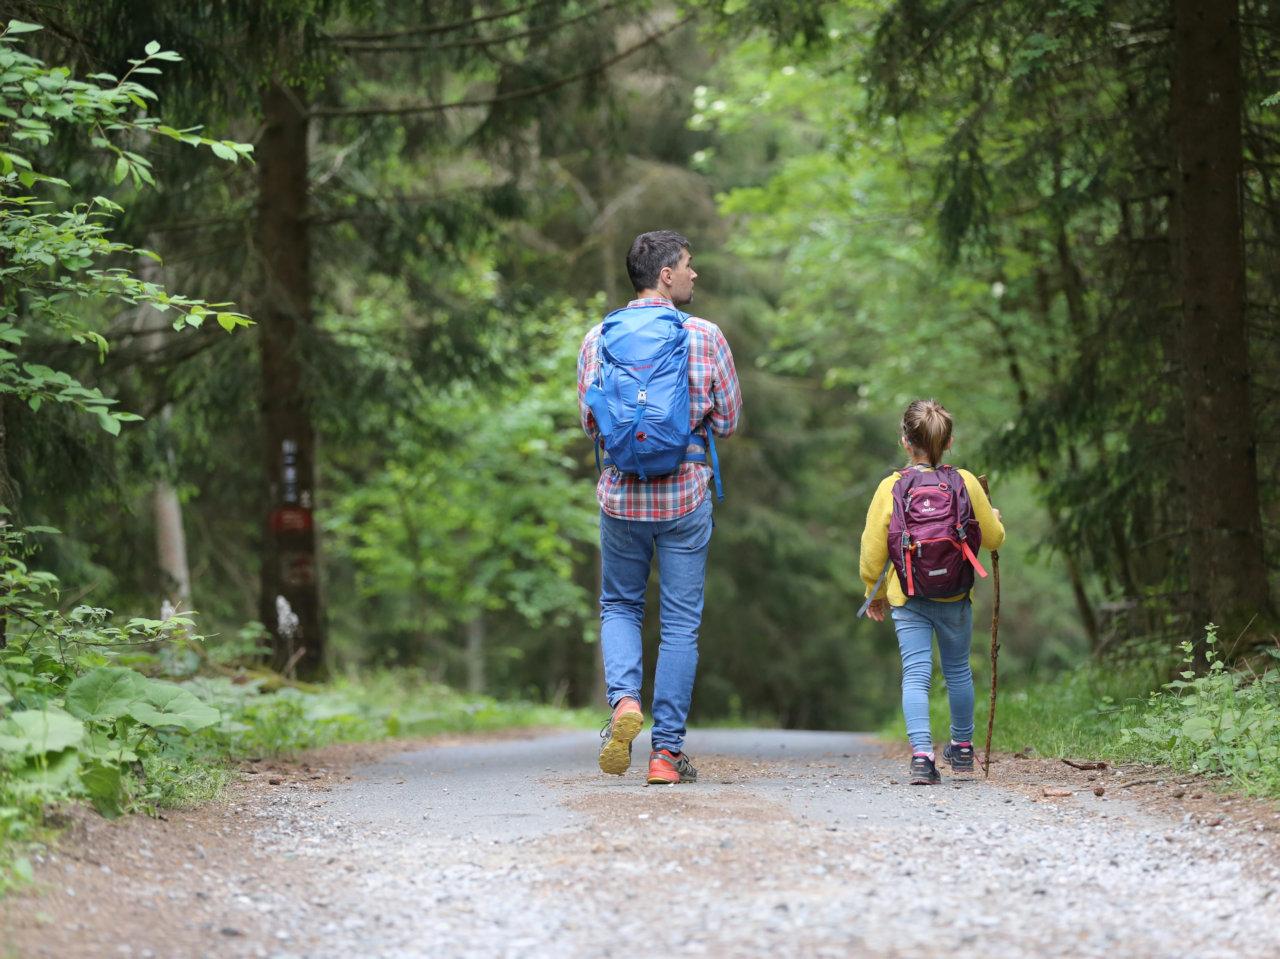 Positive vs. Toxic Parenting Tips by Dr. Gabor Maté